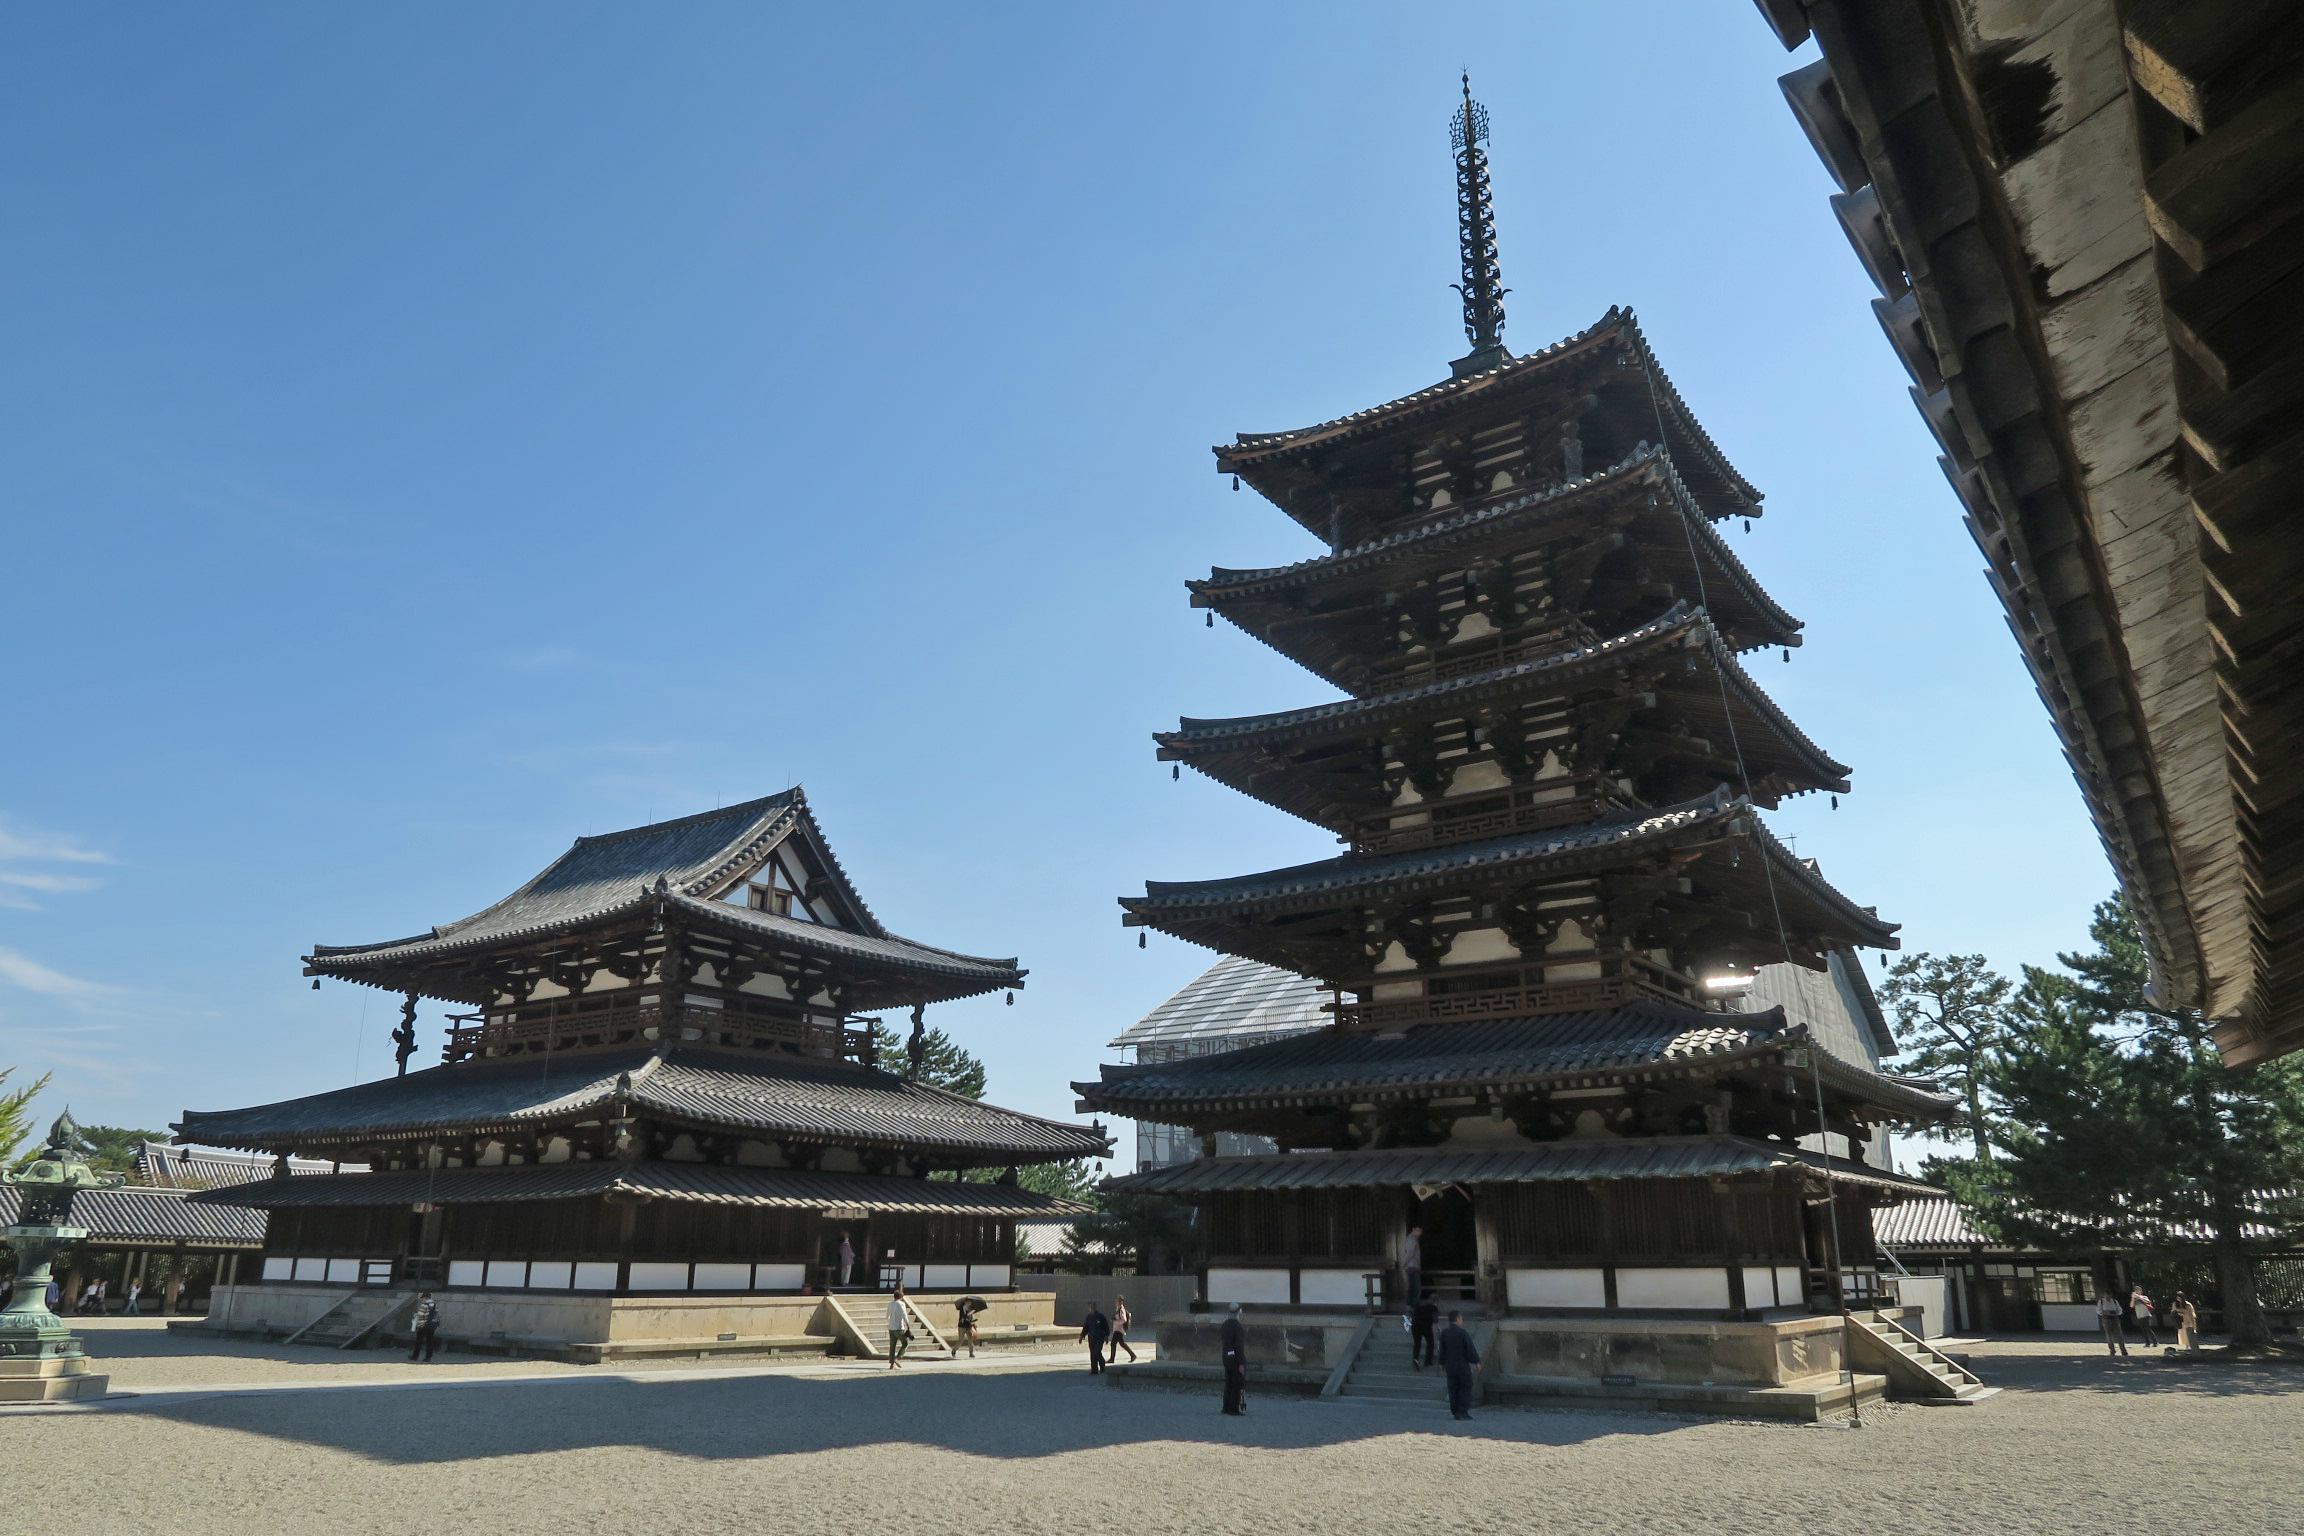 一番上の五重塔の屋根は一番下の屋根の半分の長さ。すべて計算された美しさ。